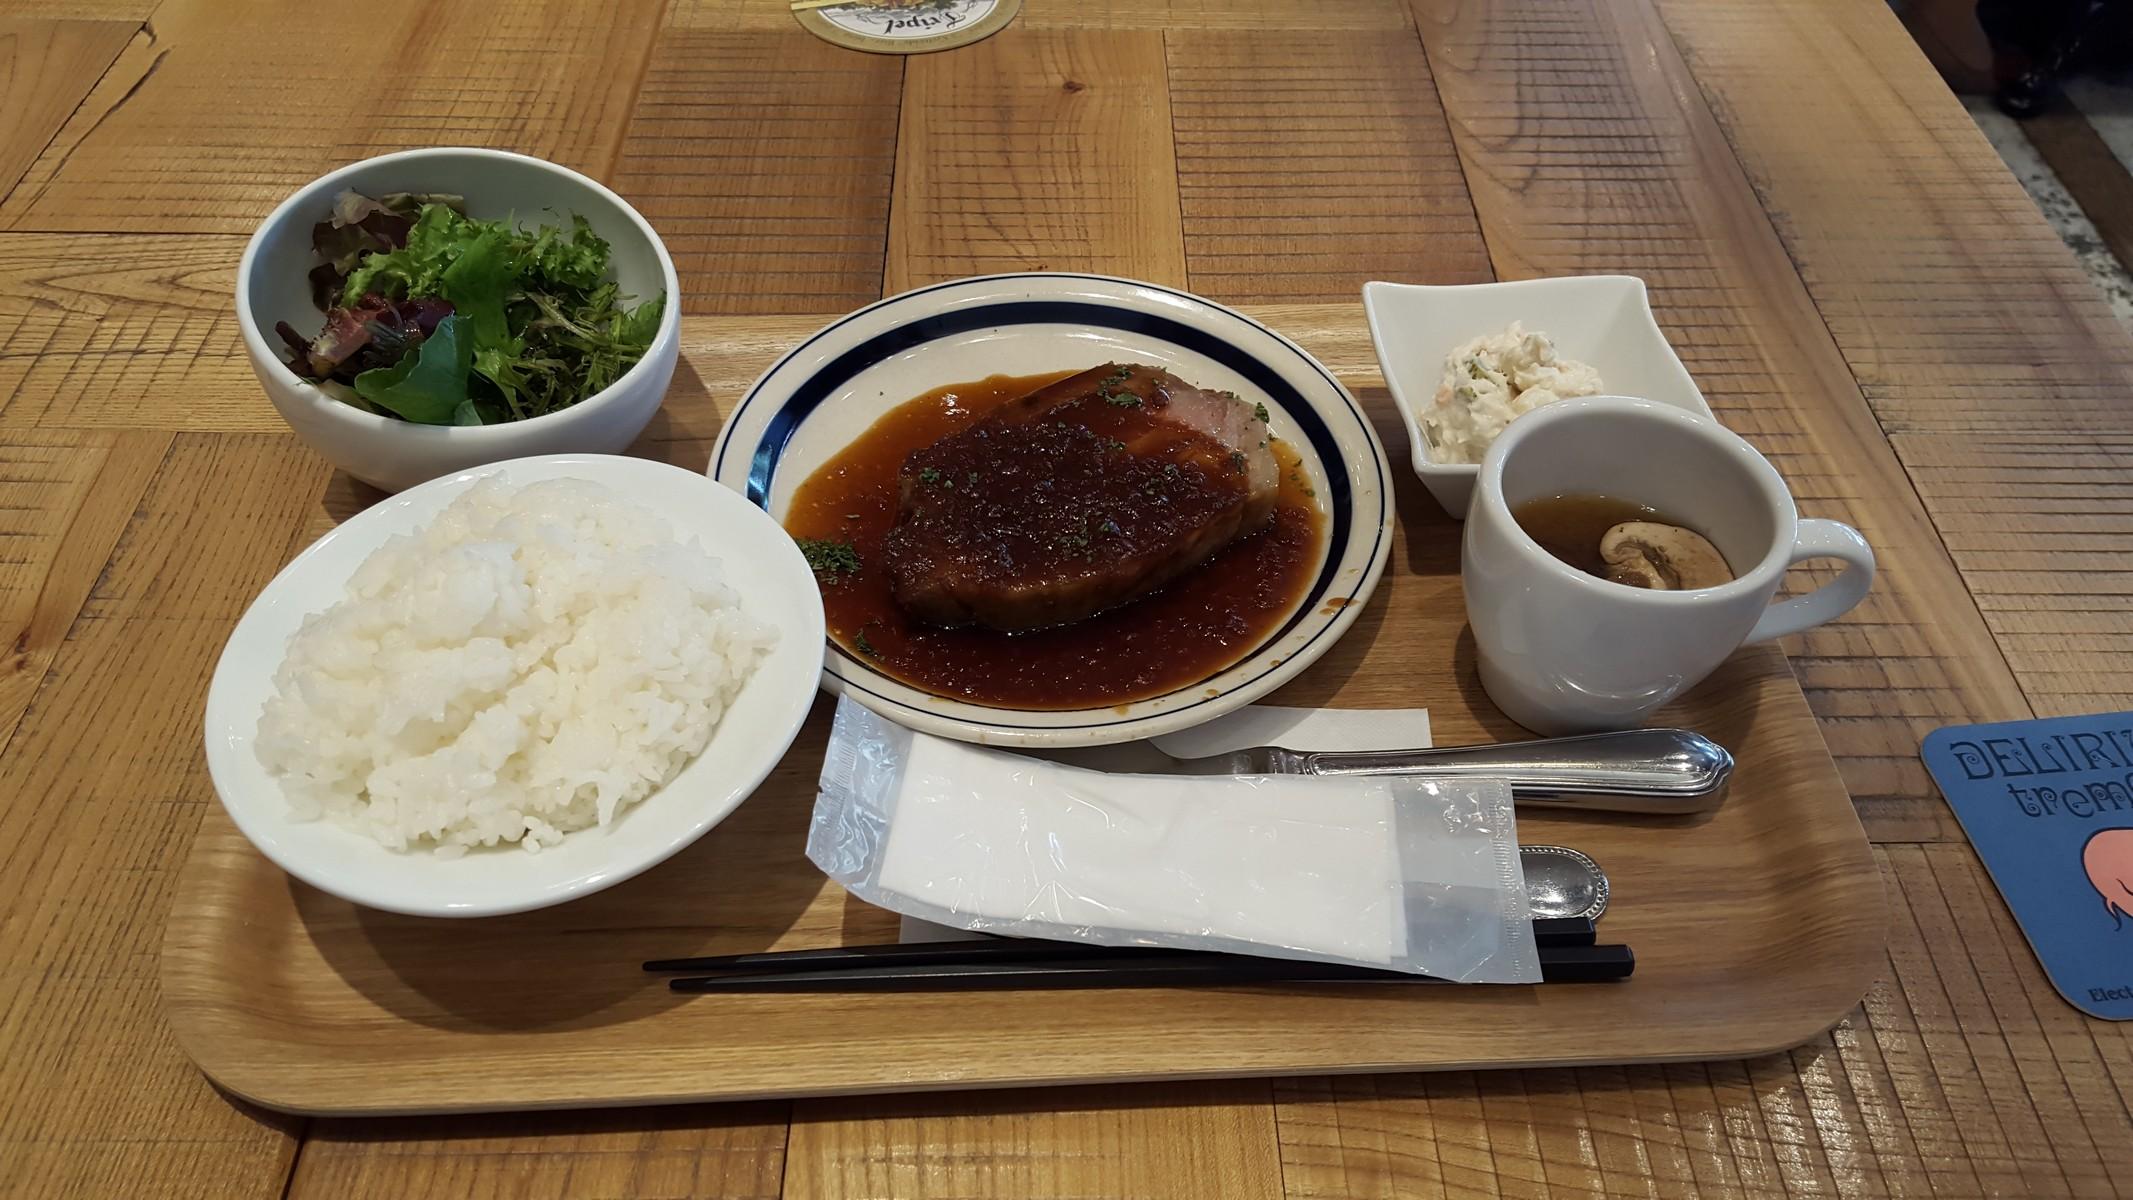 豚肉のステーキとシーチキンサラダ【ブラッスリーセントベルナルデュス/神田】